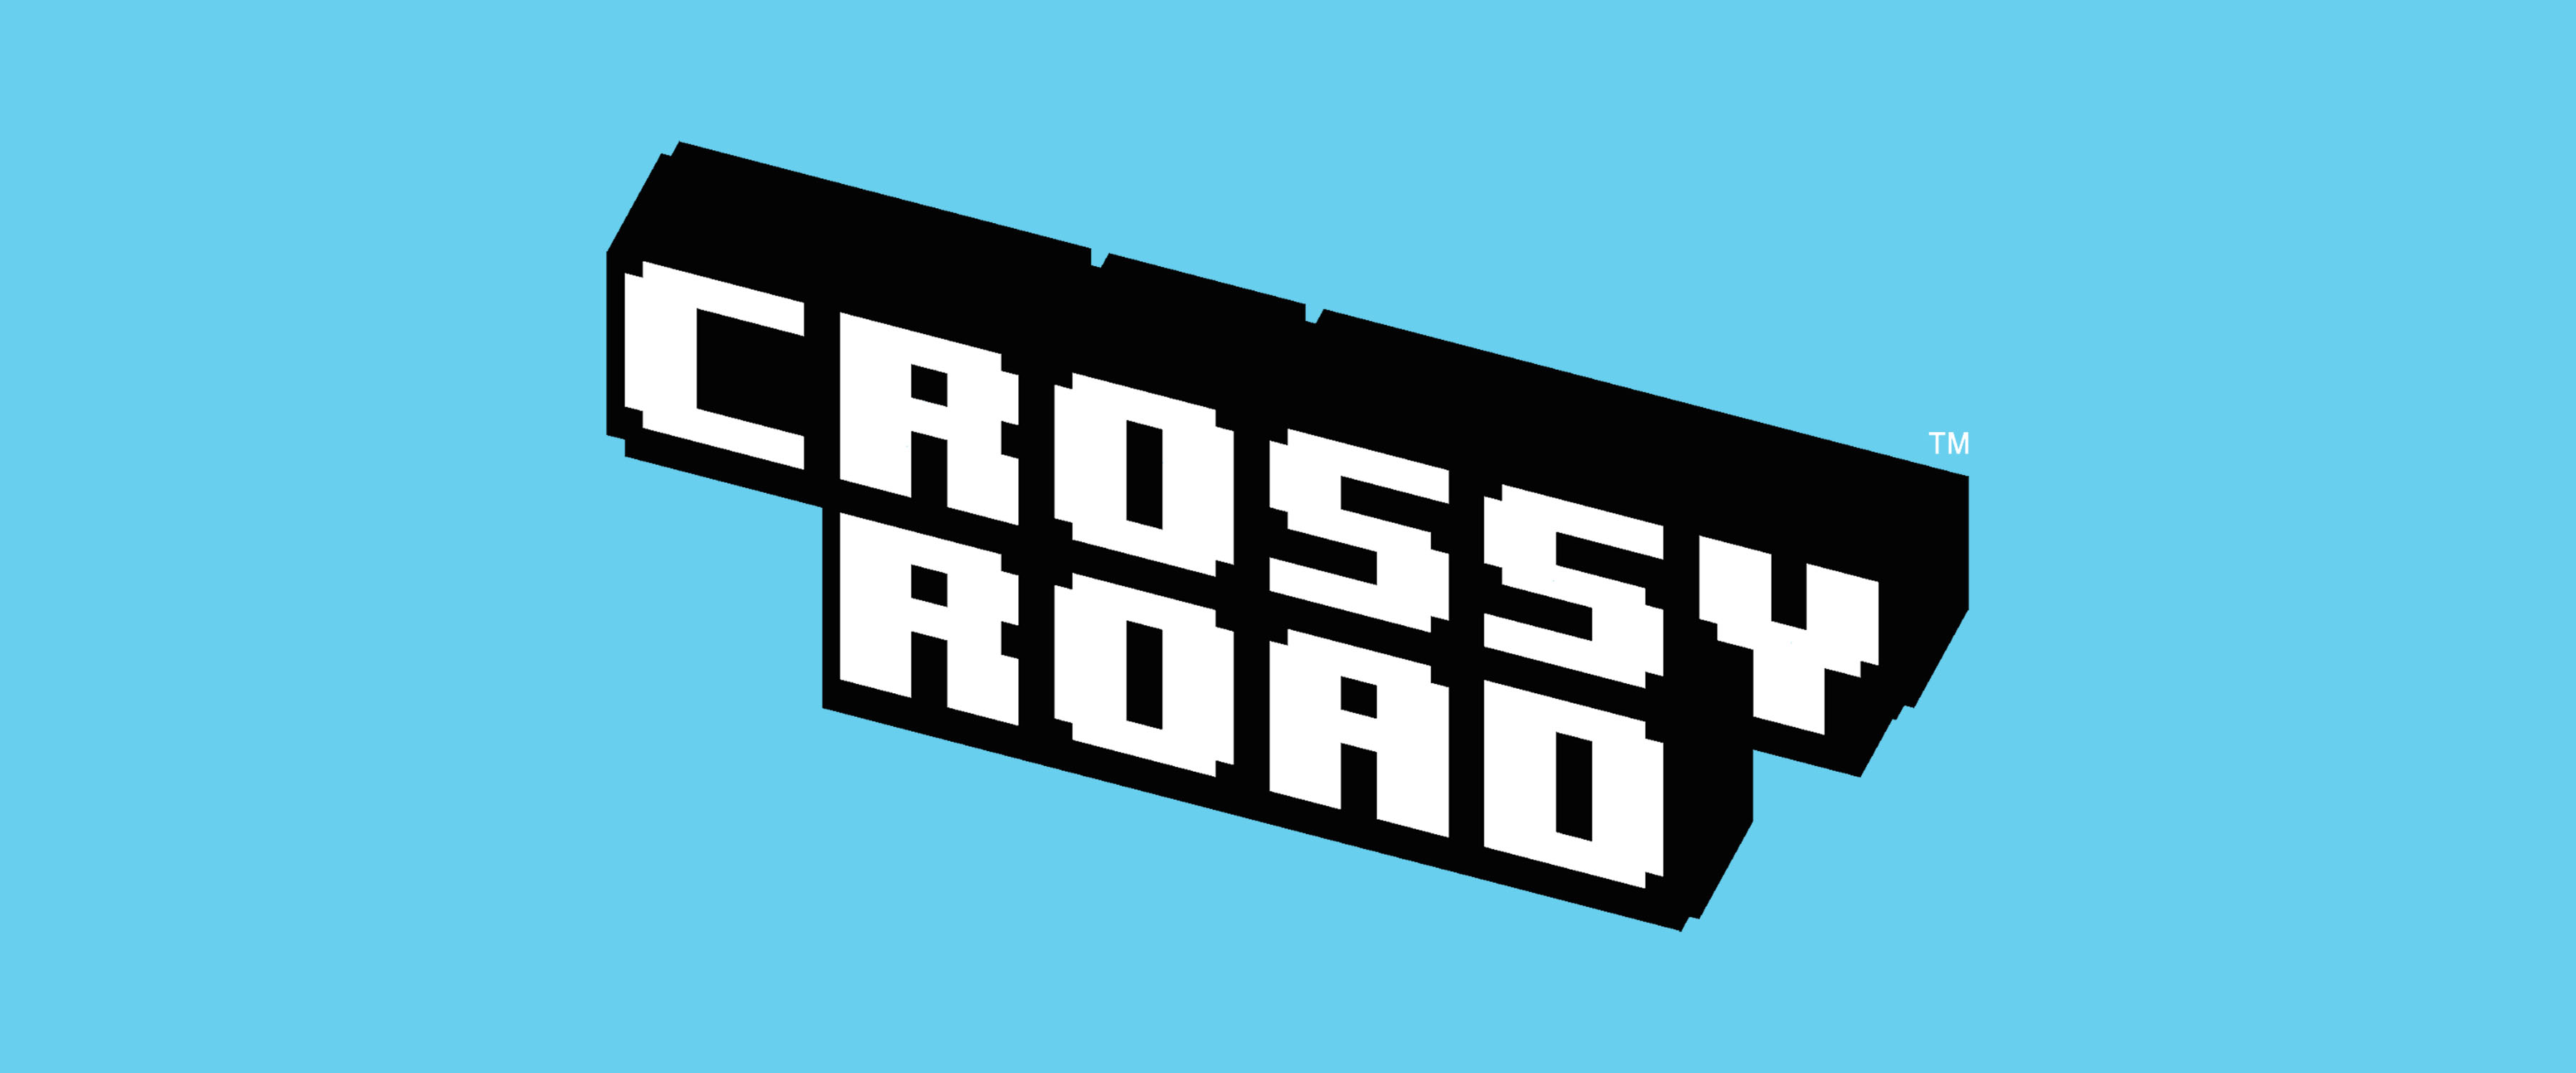 Crossy Road Header